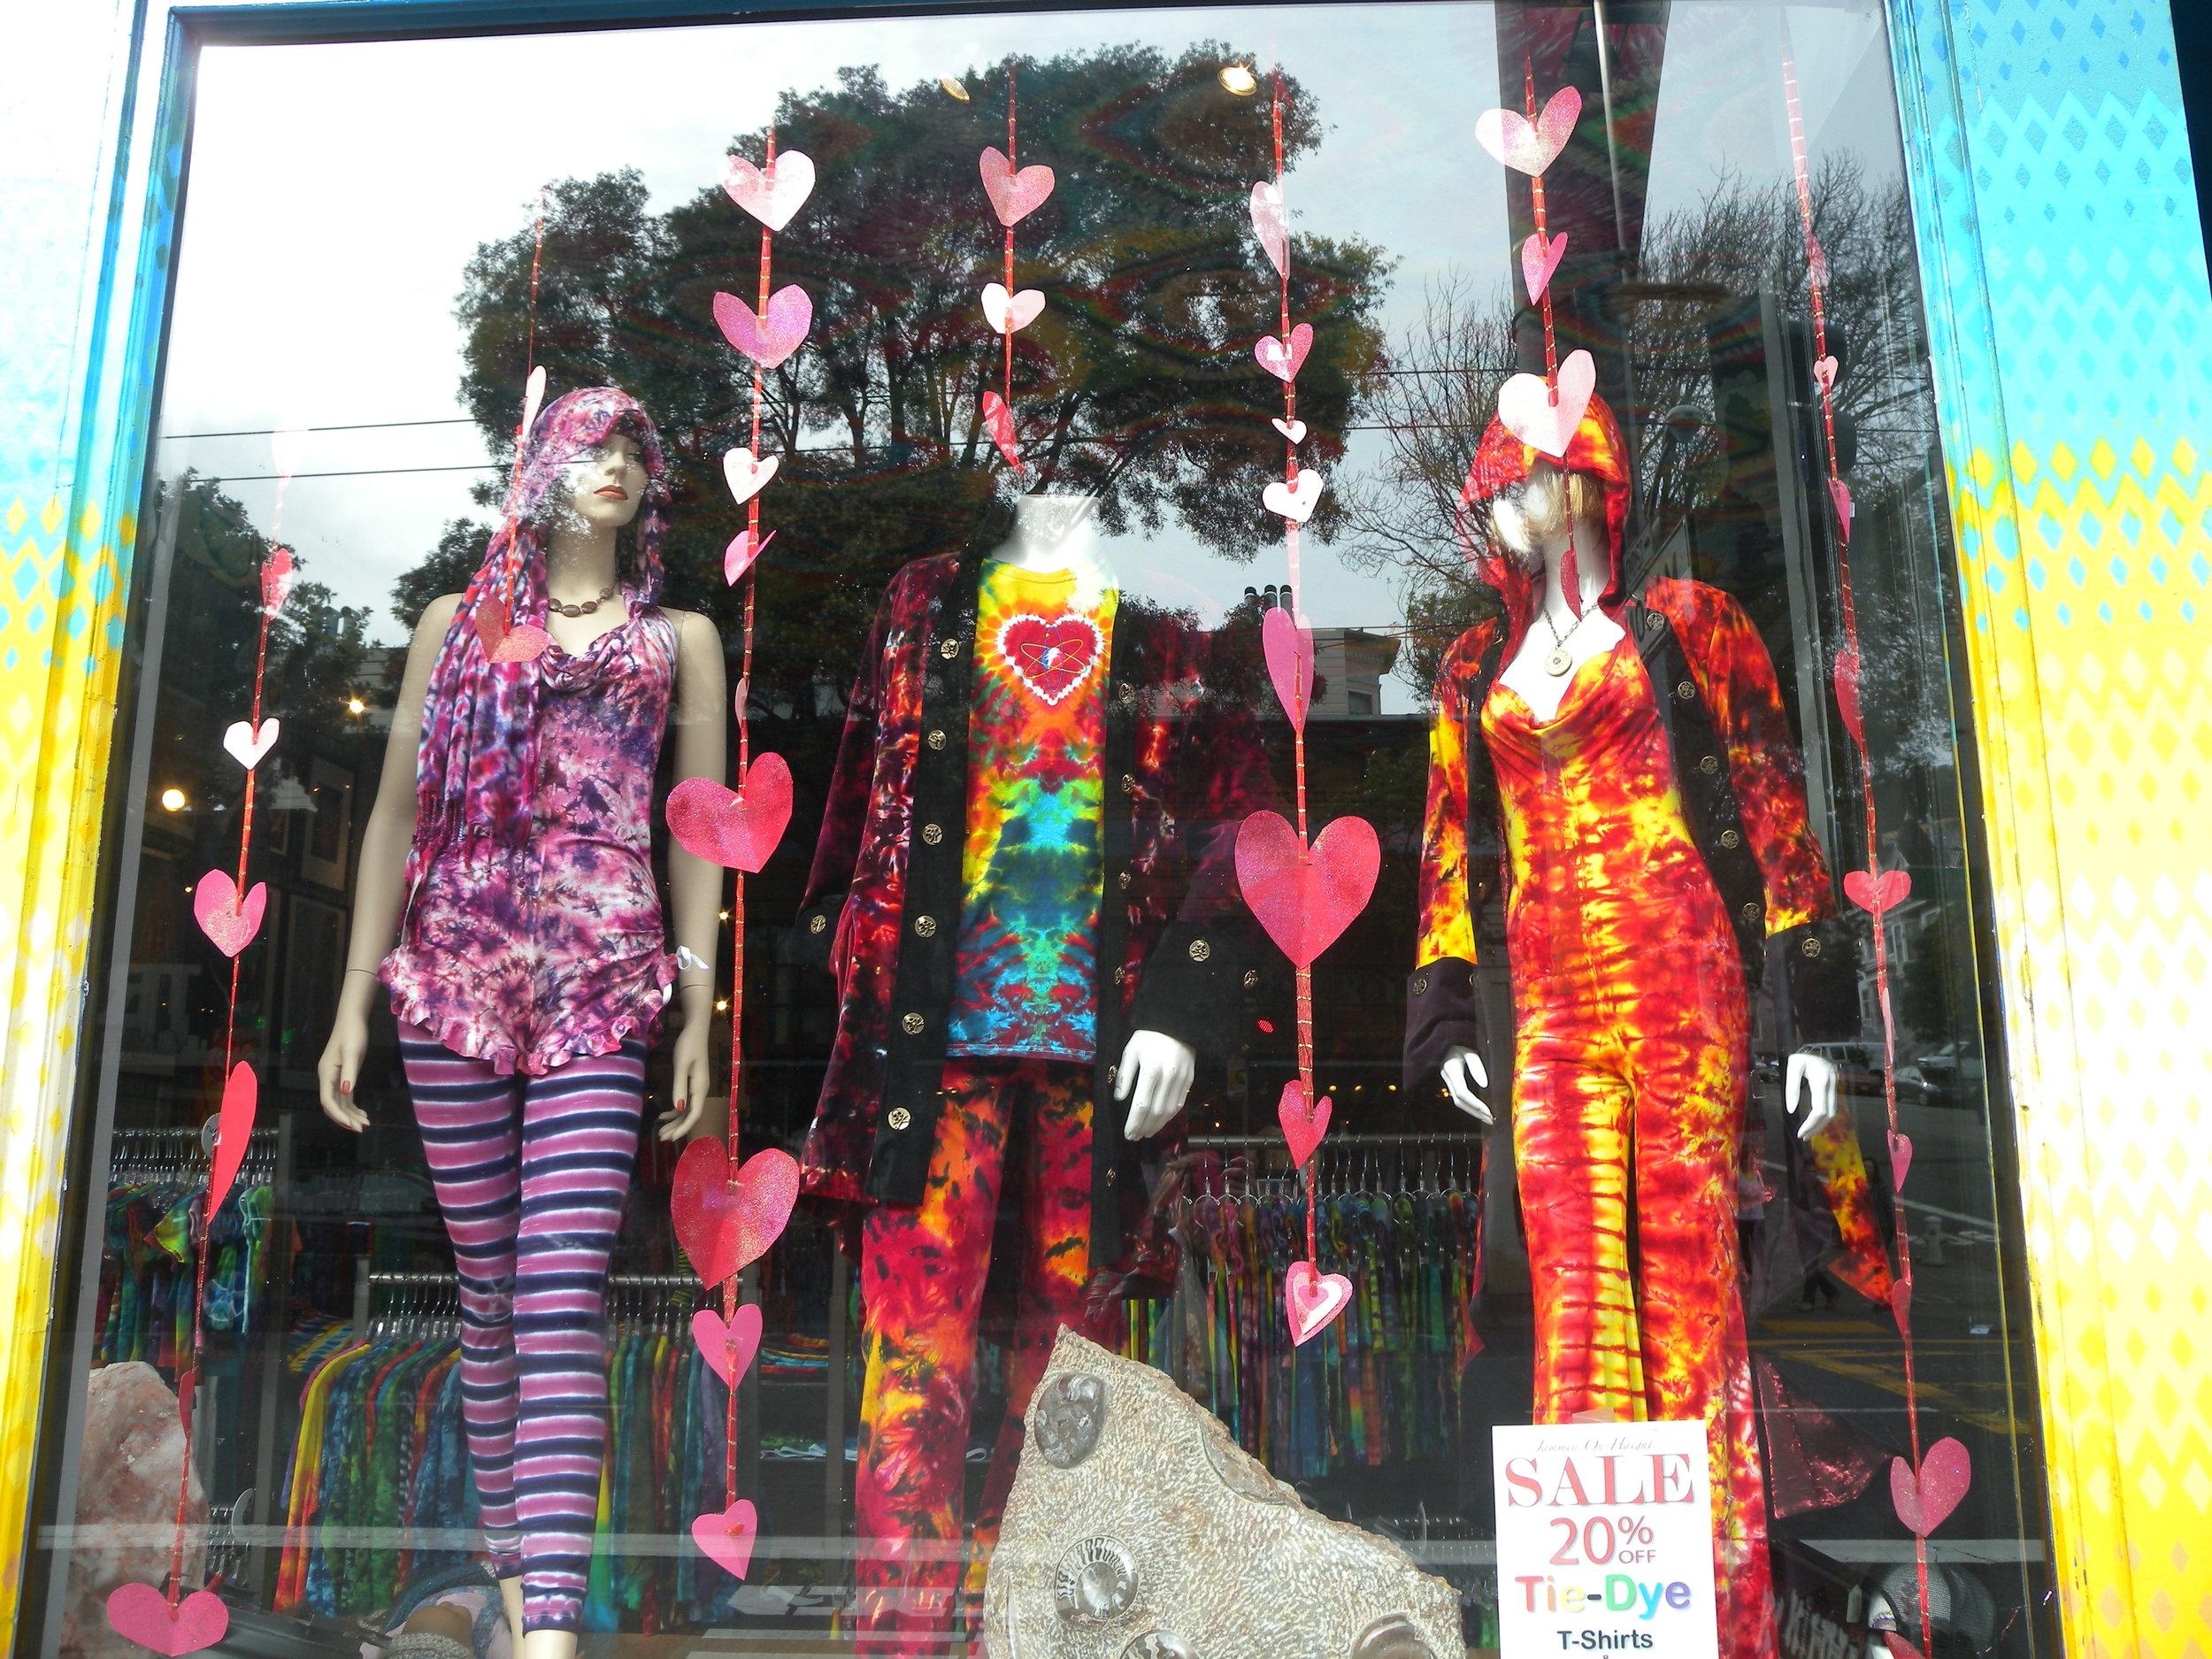 Tie-dye store Haight-Ashbury